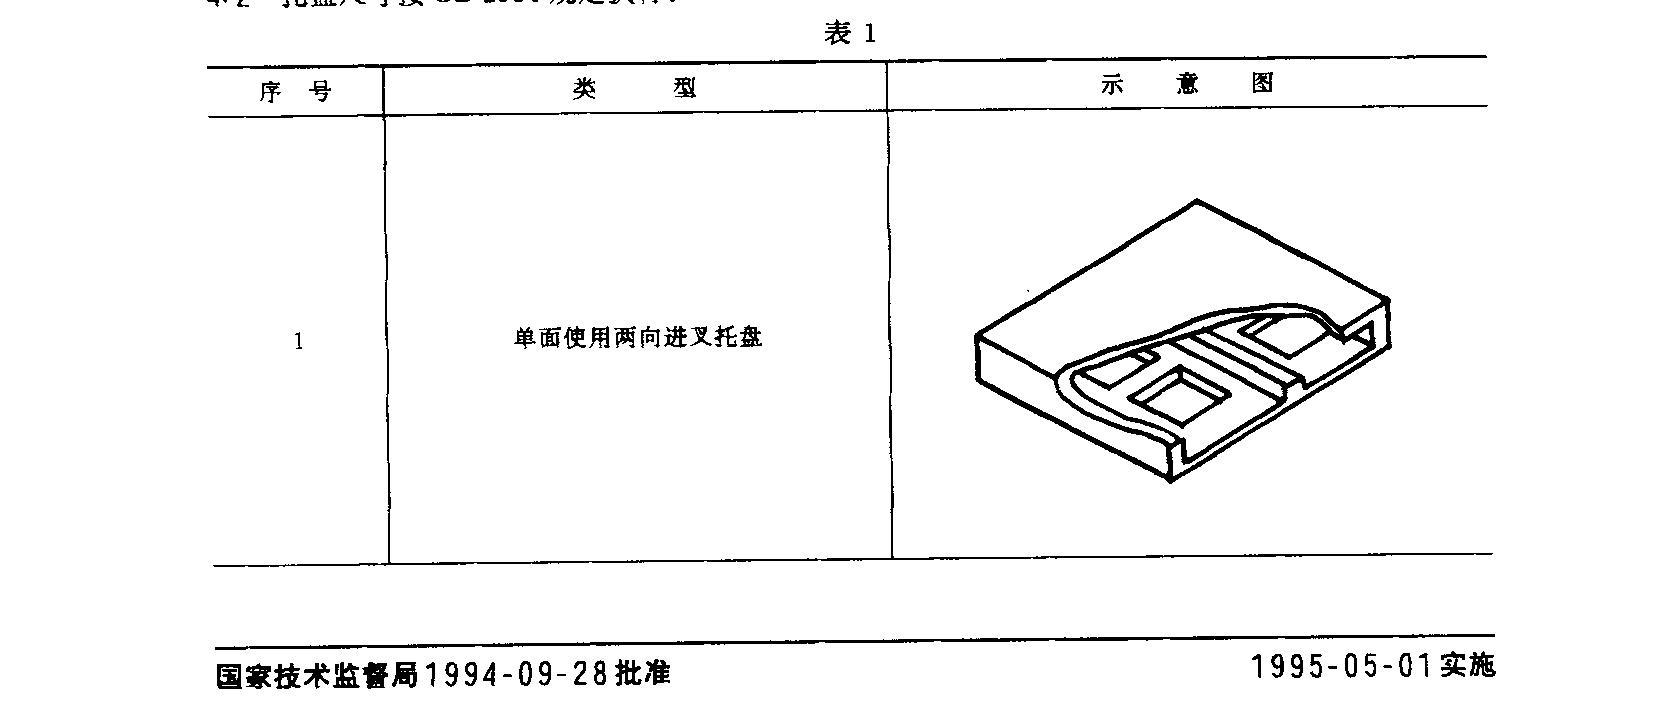 塑料托盘国家标准GB15234-94(附件pdf下载)